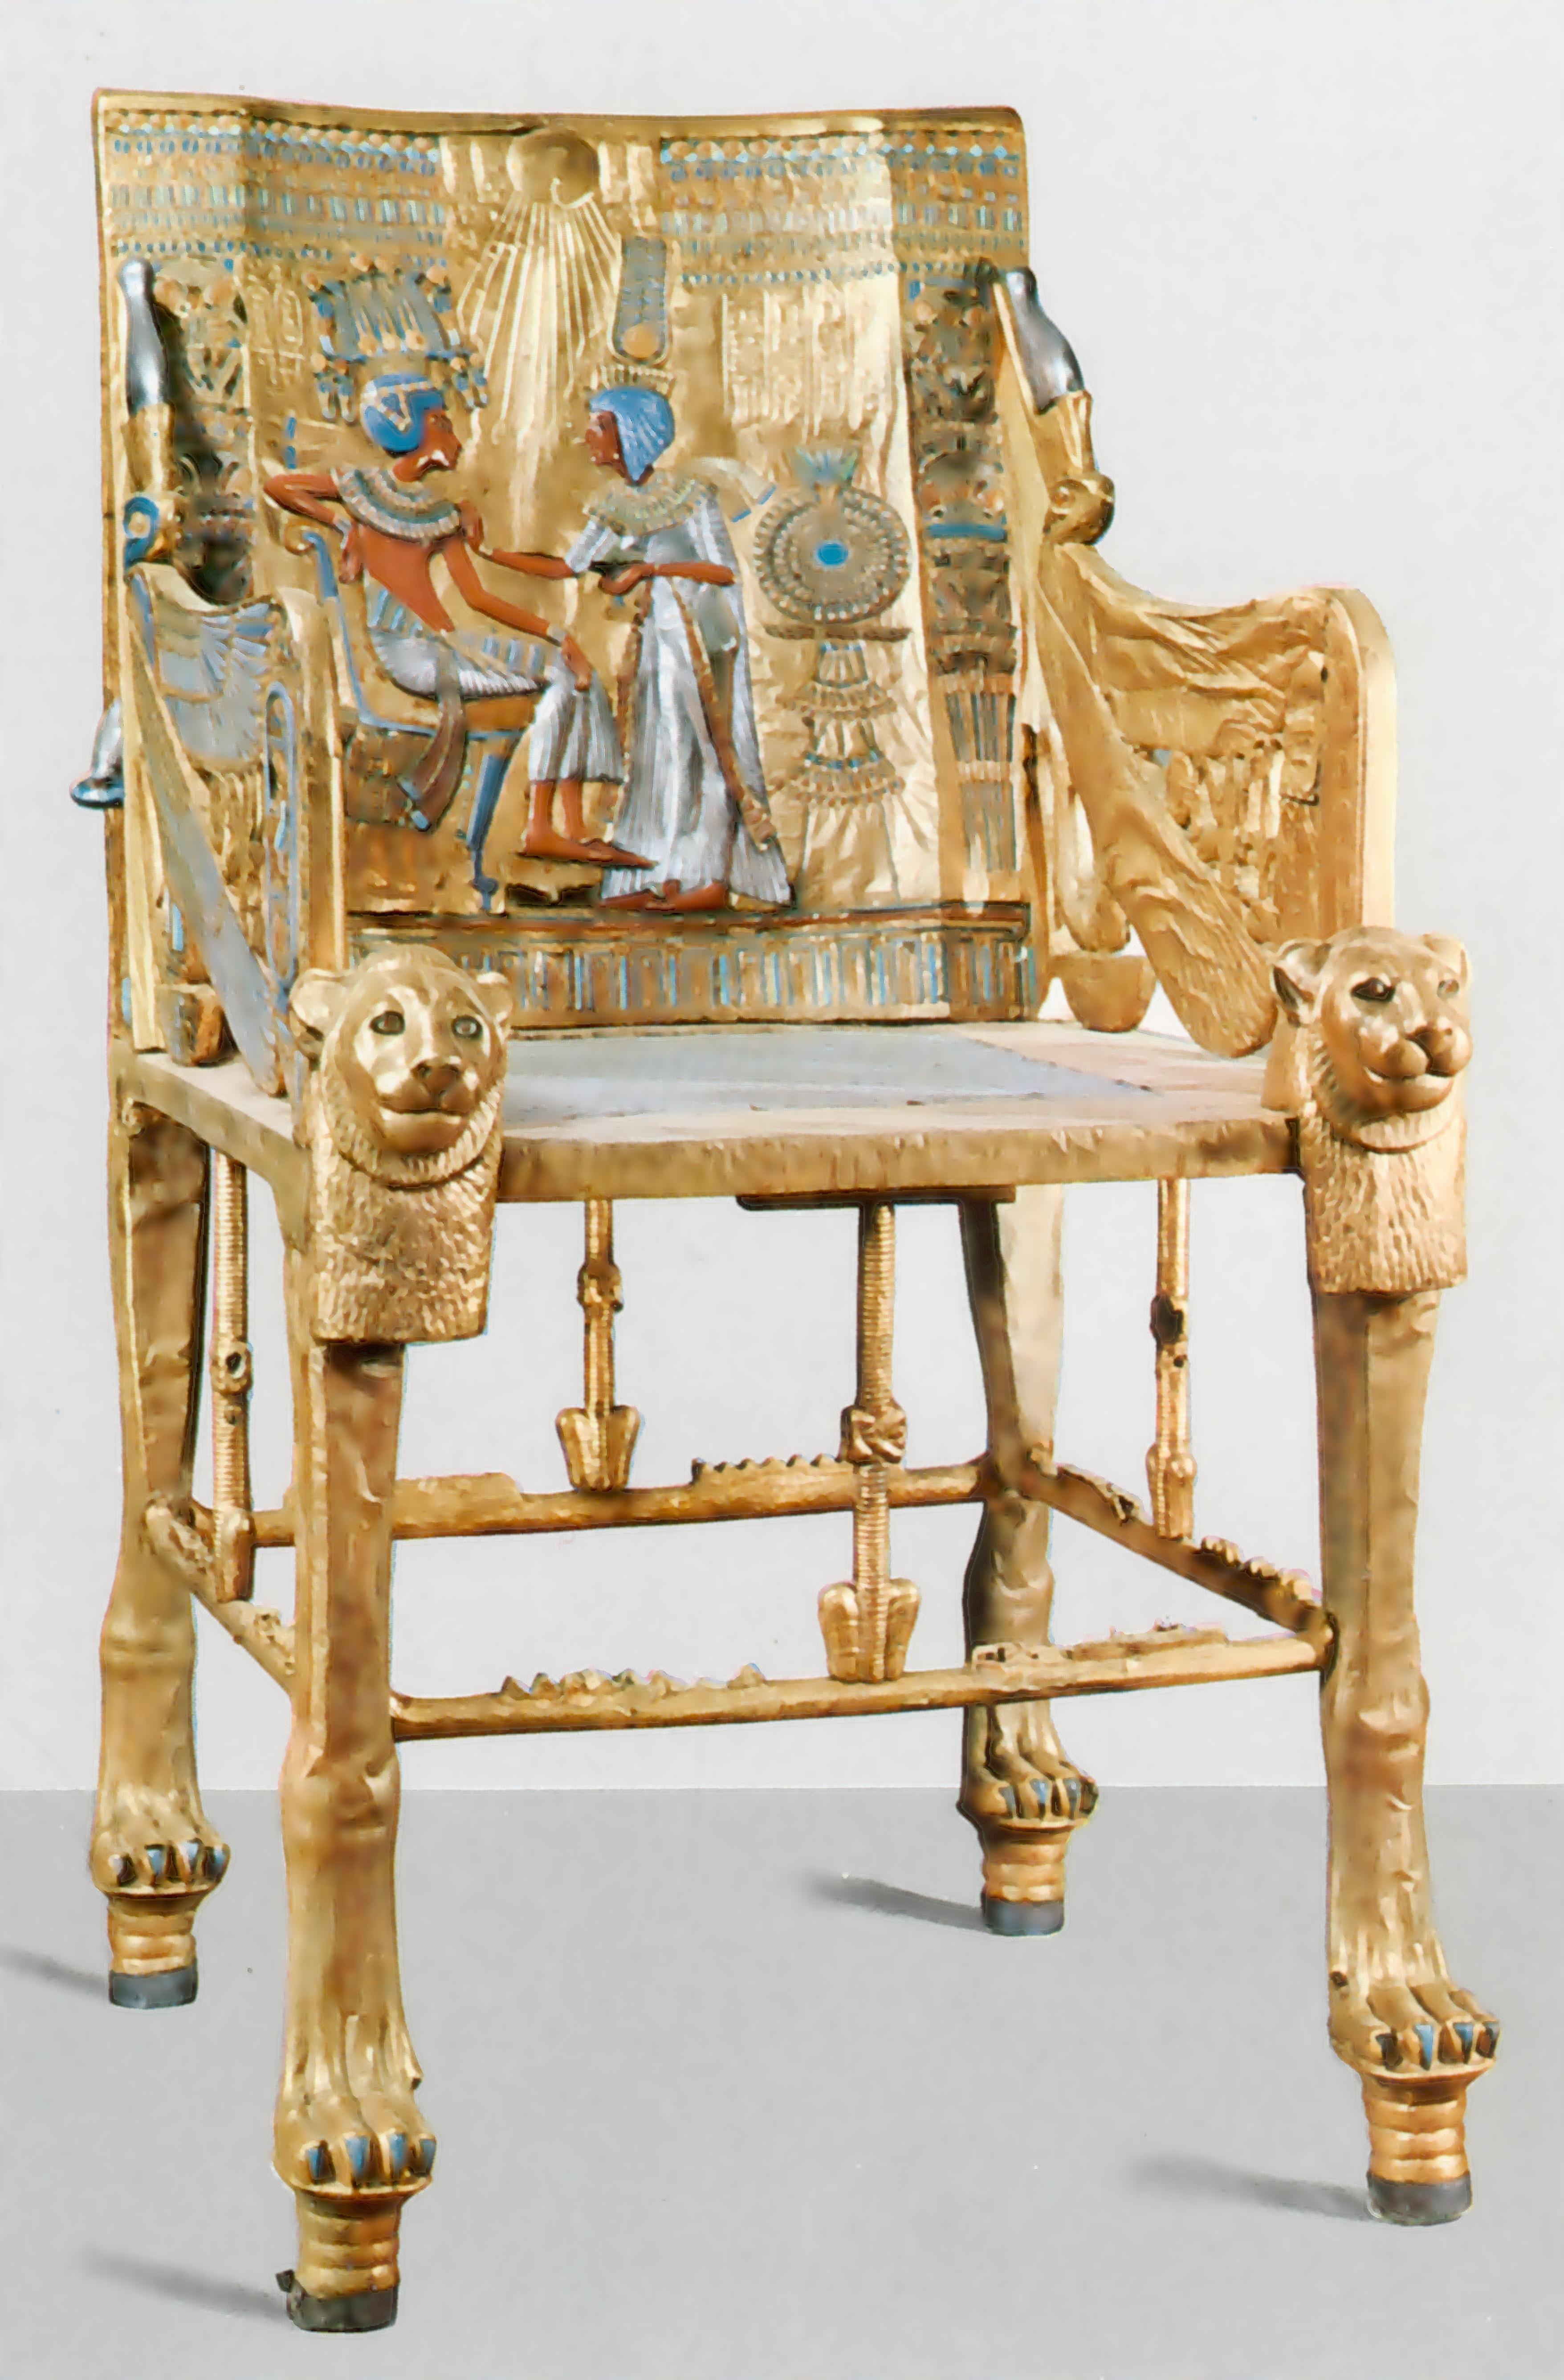 Kingtutthrone Jpg 3512 5344 Egipto Pinterest Egipto  # Muebles Egipcios Caracteristicas